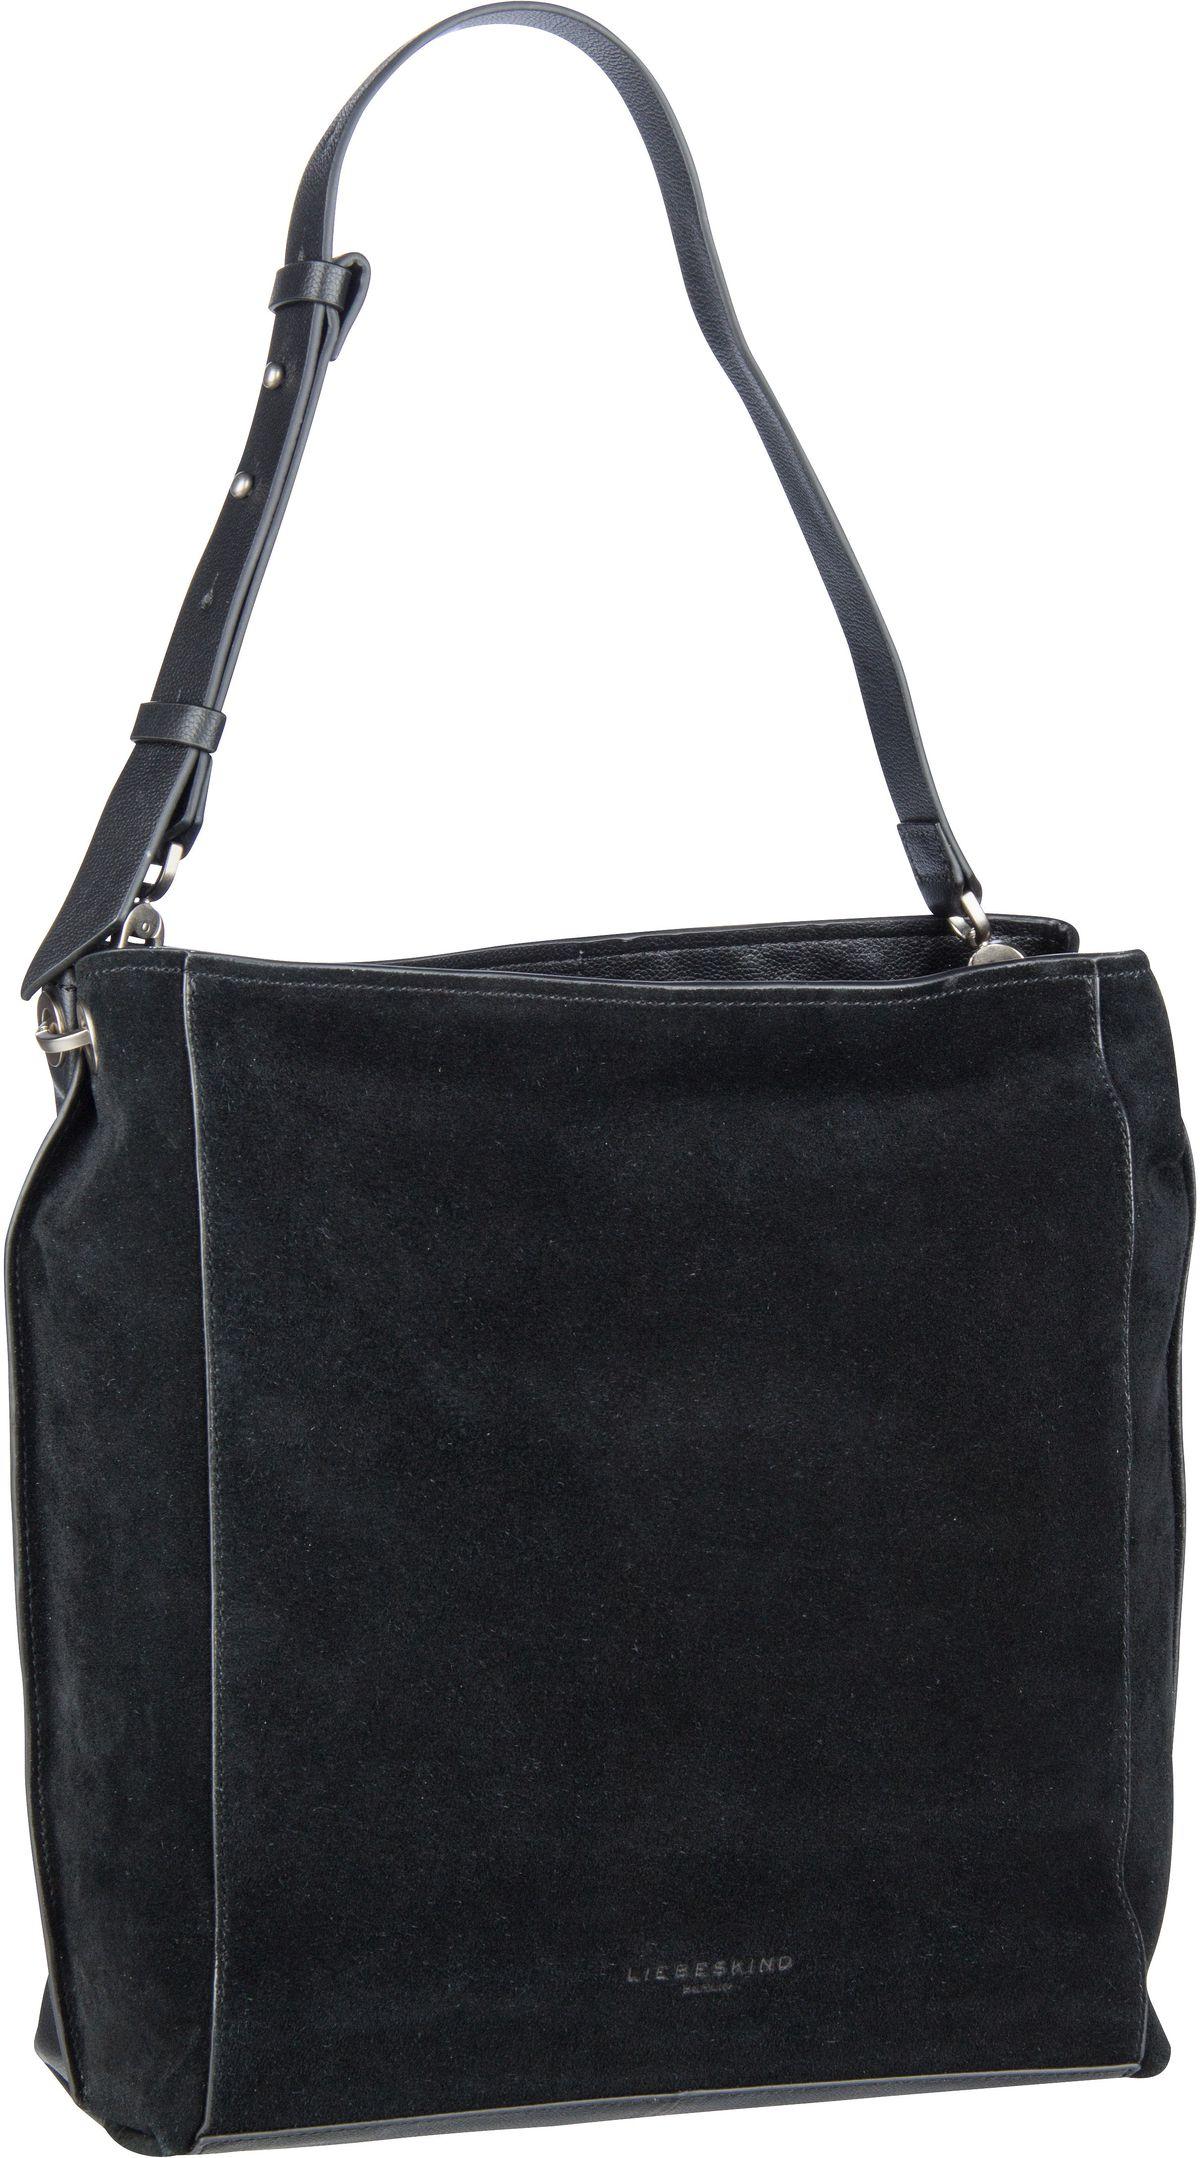 Berlin Handtasche Scouri 2 Hobo M Black